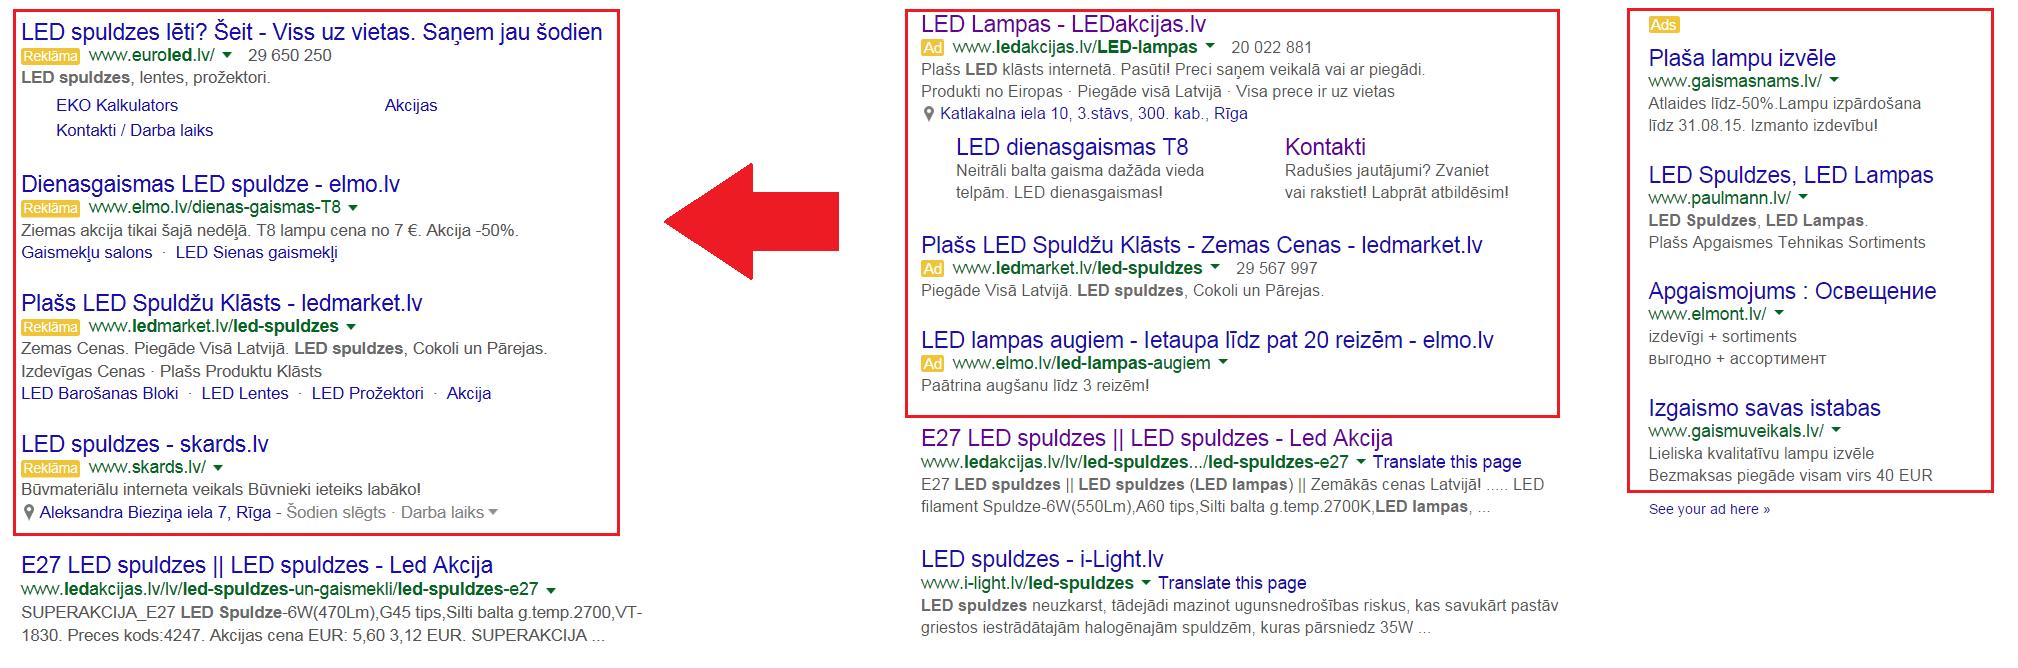 Google reklāma (AdWords). TOP4 reklāmas pozīcijas.